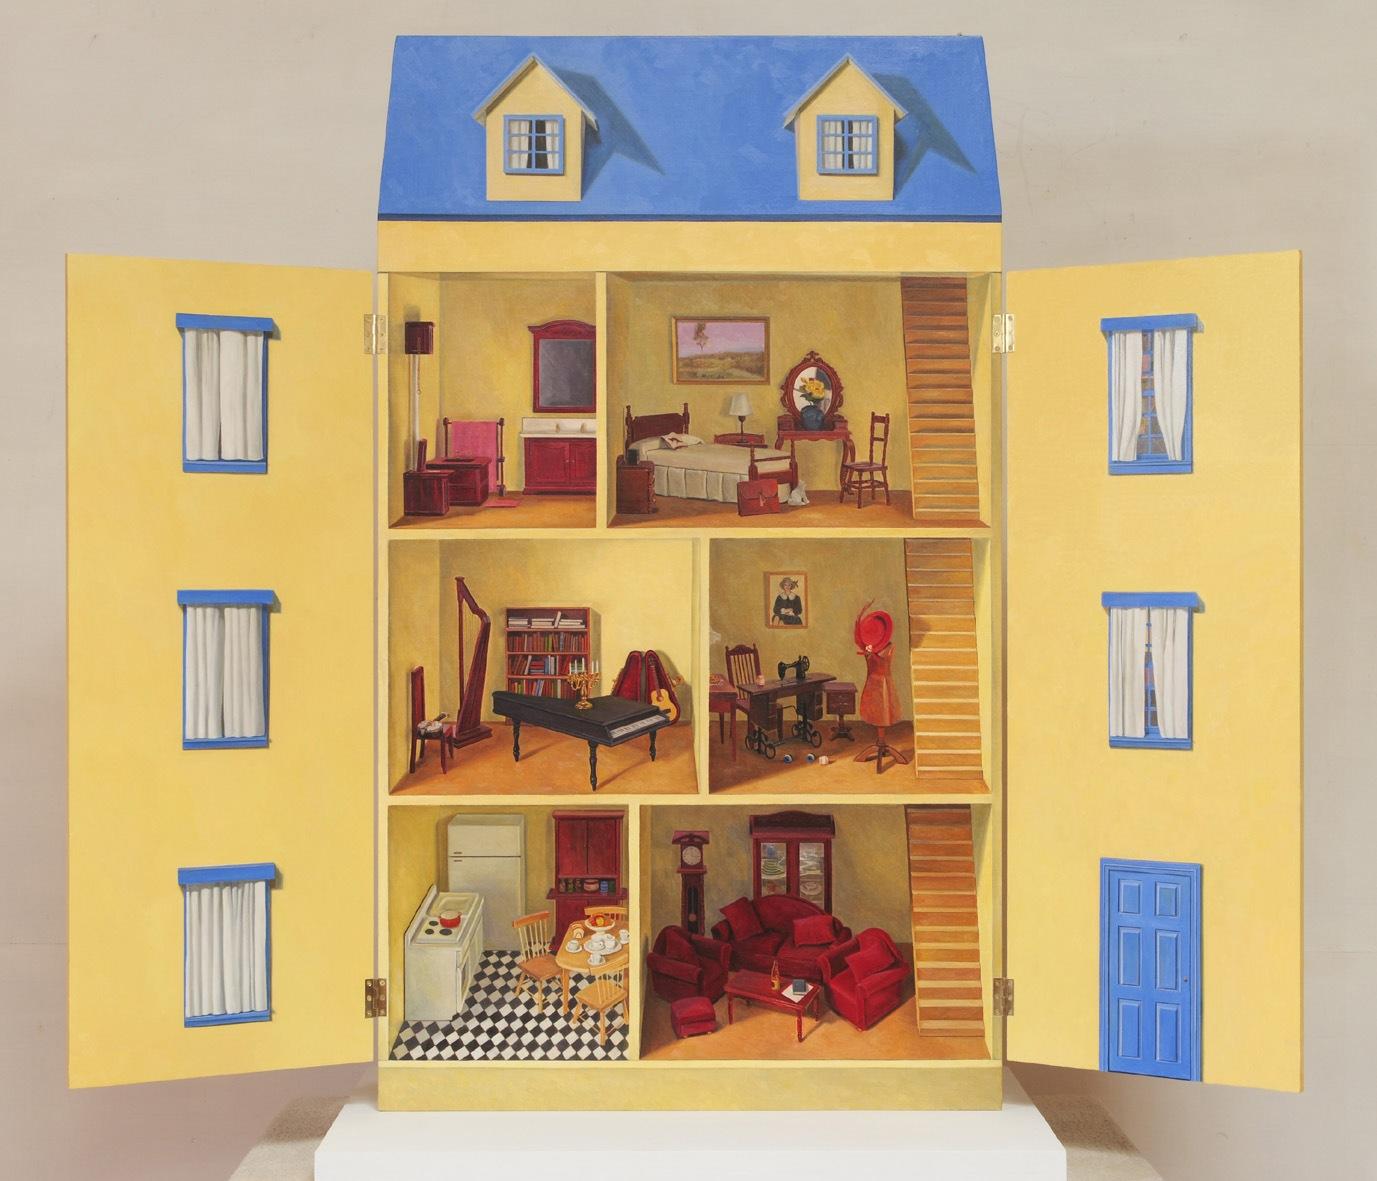 SHANE JONES ART BLOG: Doll's House Painting In Progress